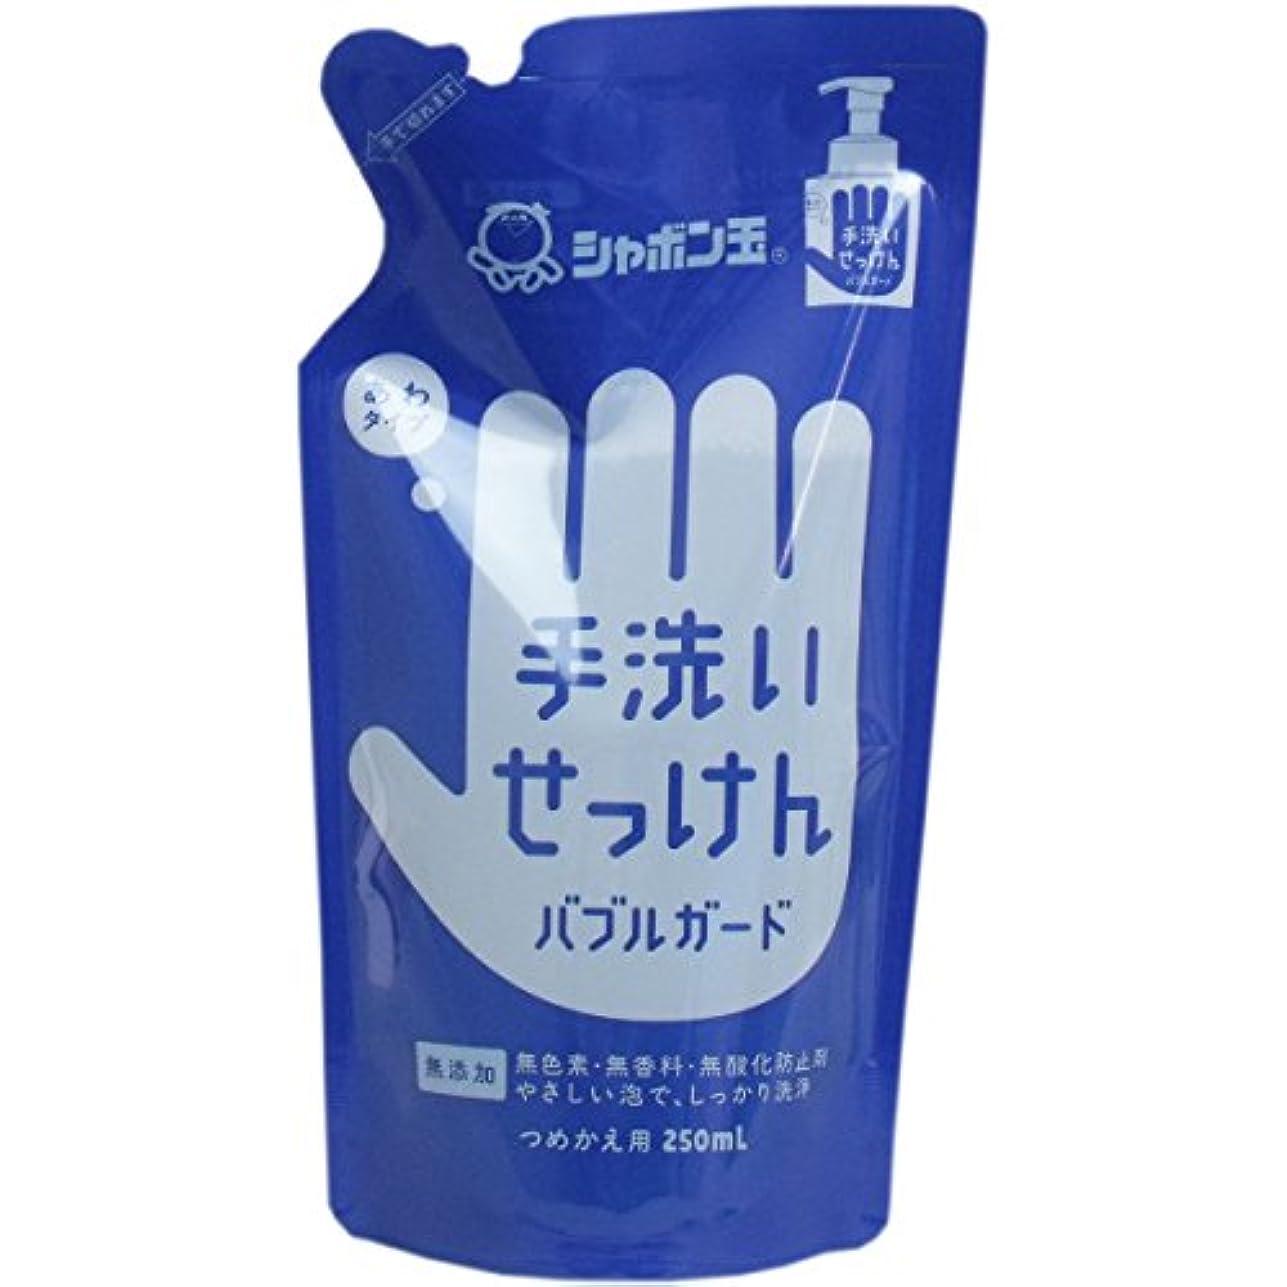 カール休日に天の[シャボン玉石けん 1602809] (ケア商品)手洗いせっけん バブルガード 泡タイプ つめかえ用 250ml